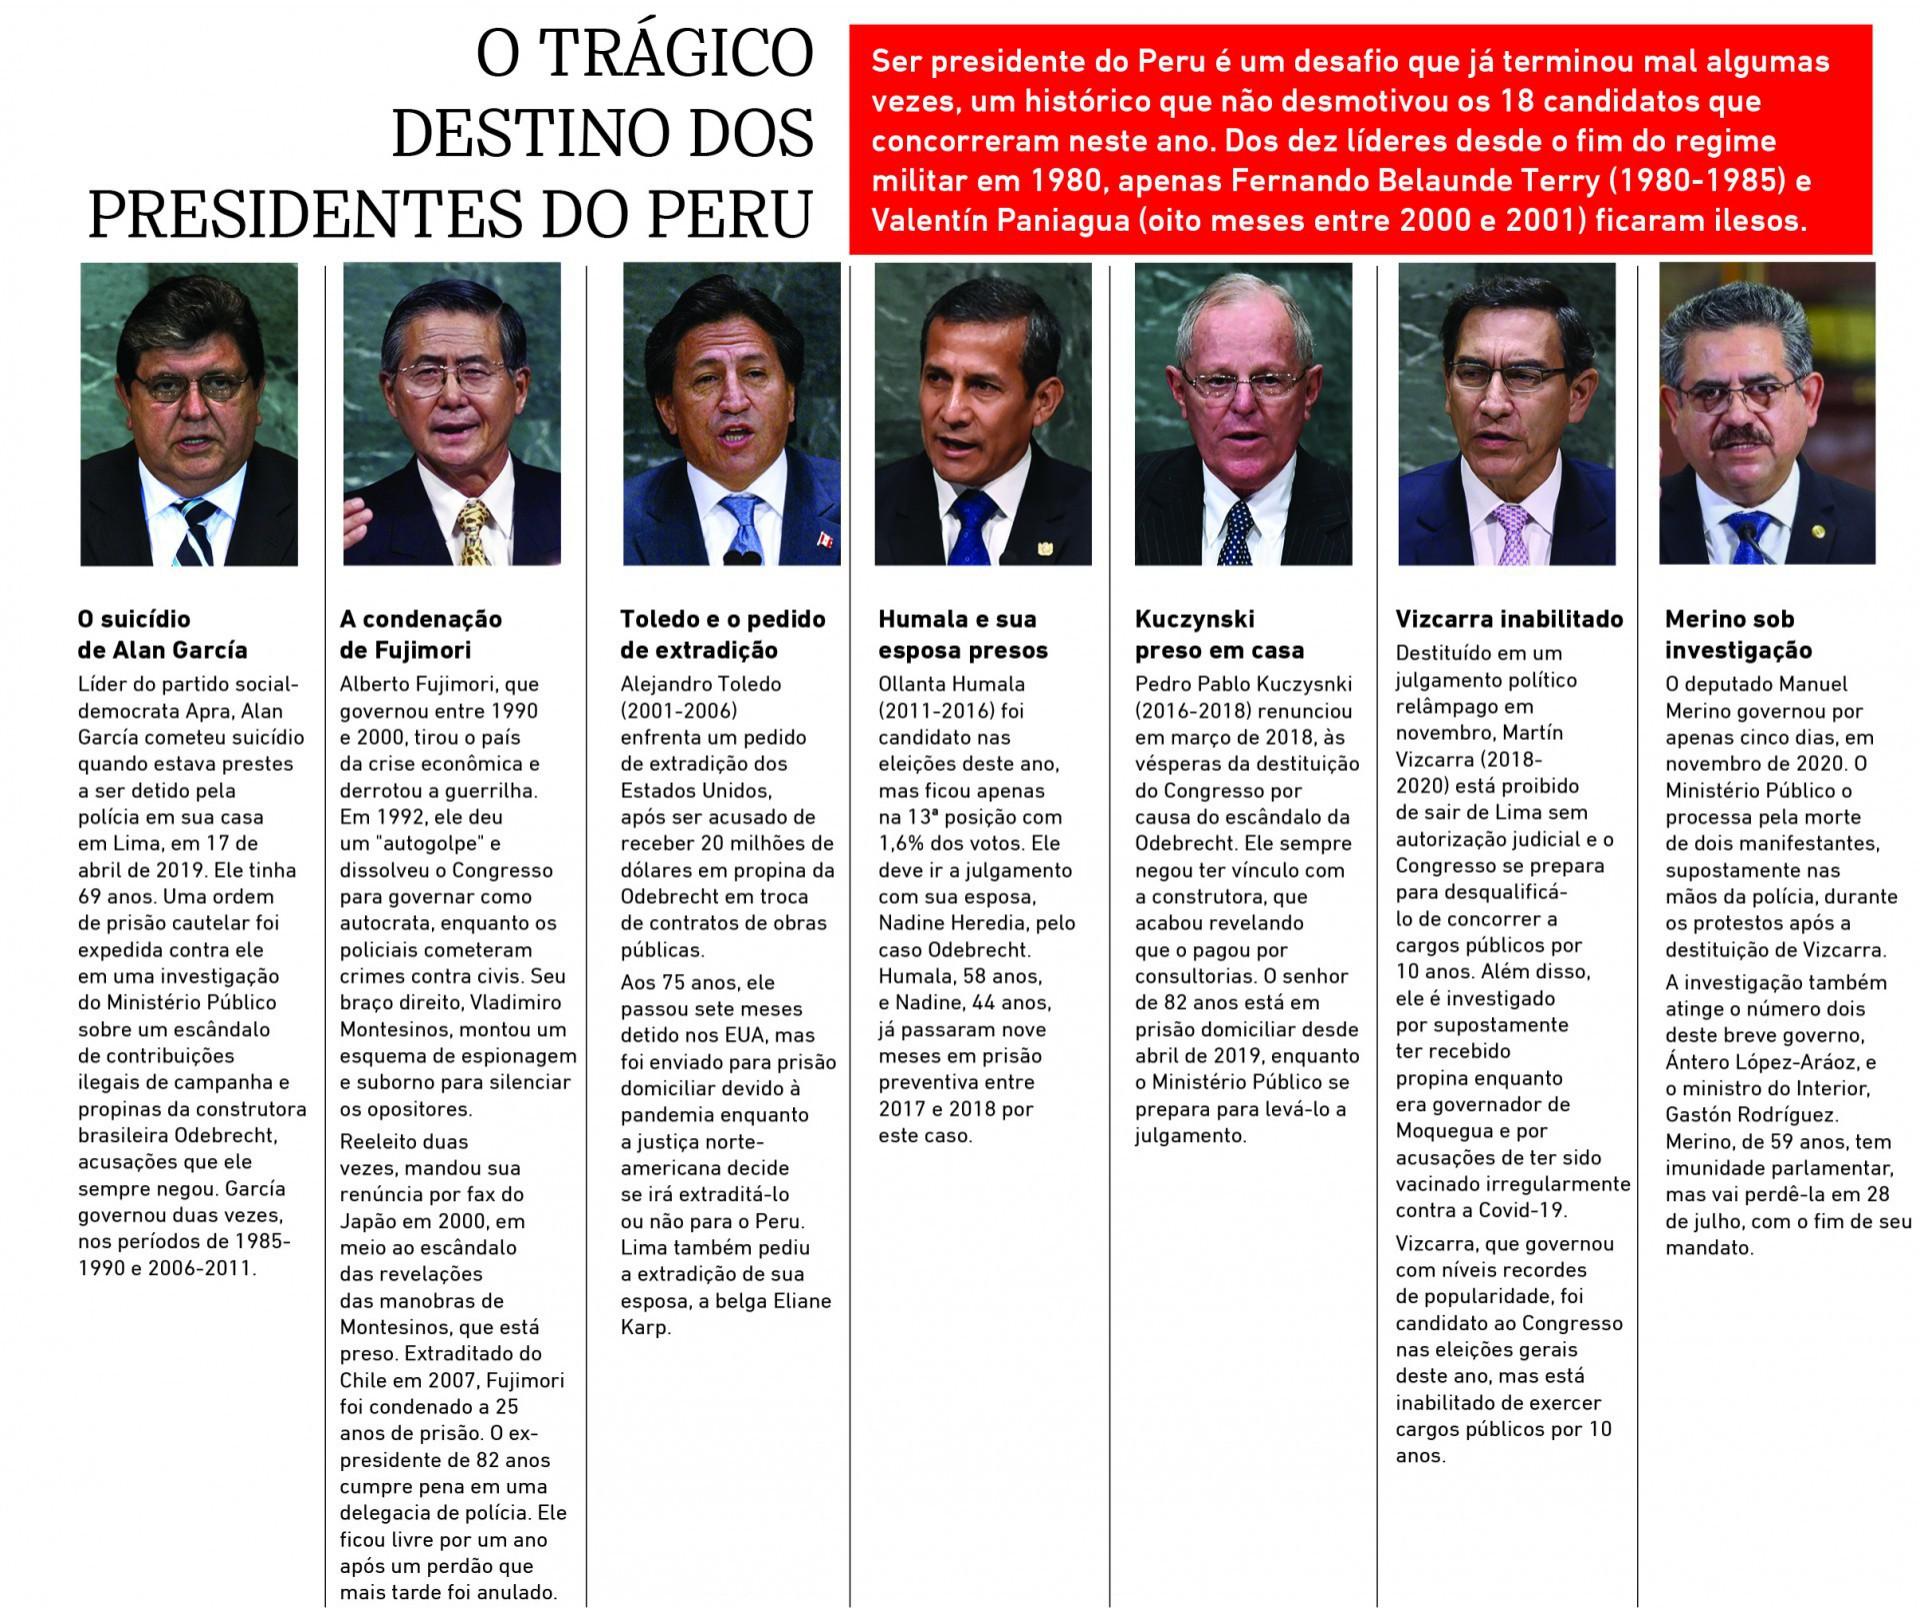 O tragico destino dos presidentes do Peru